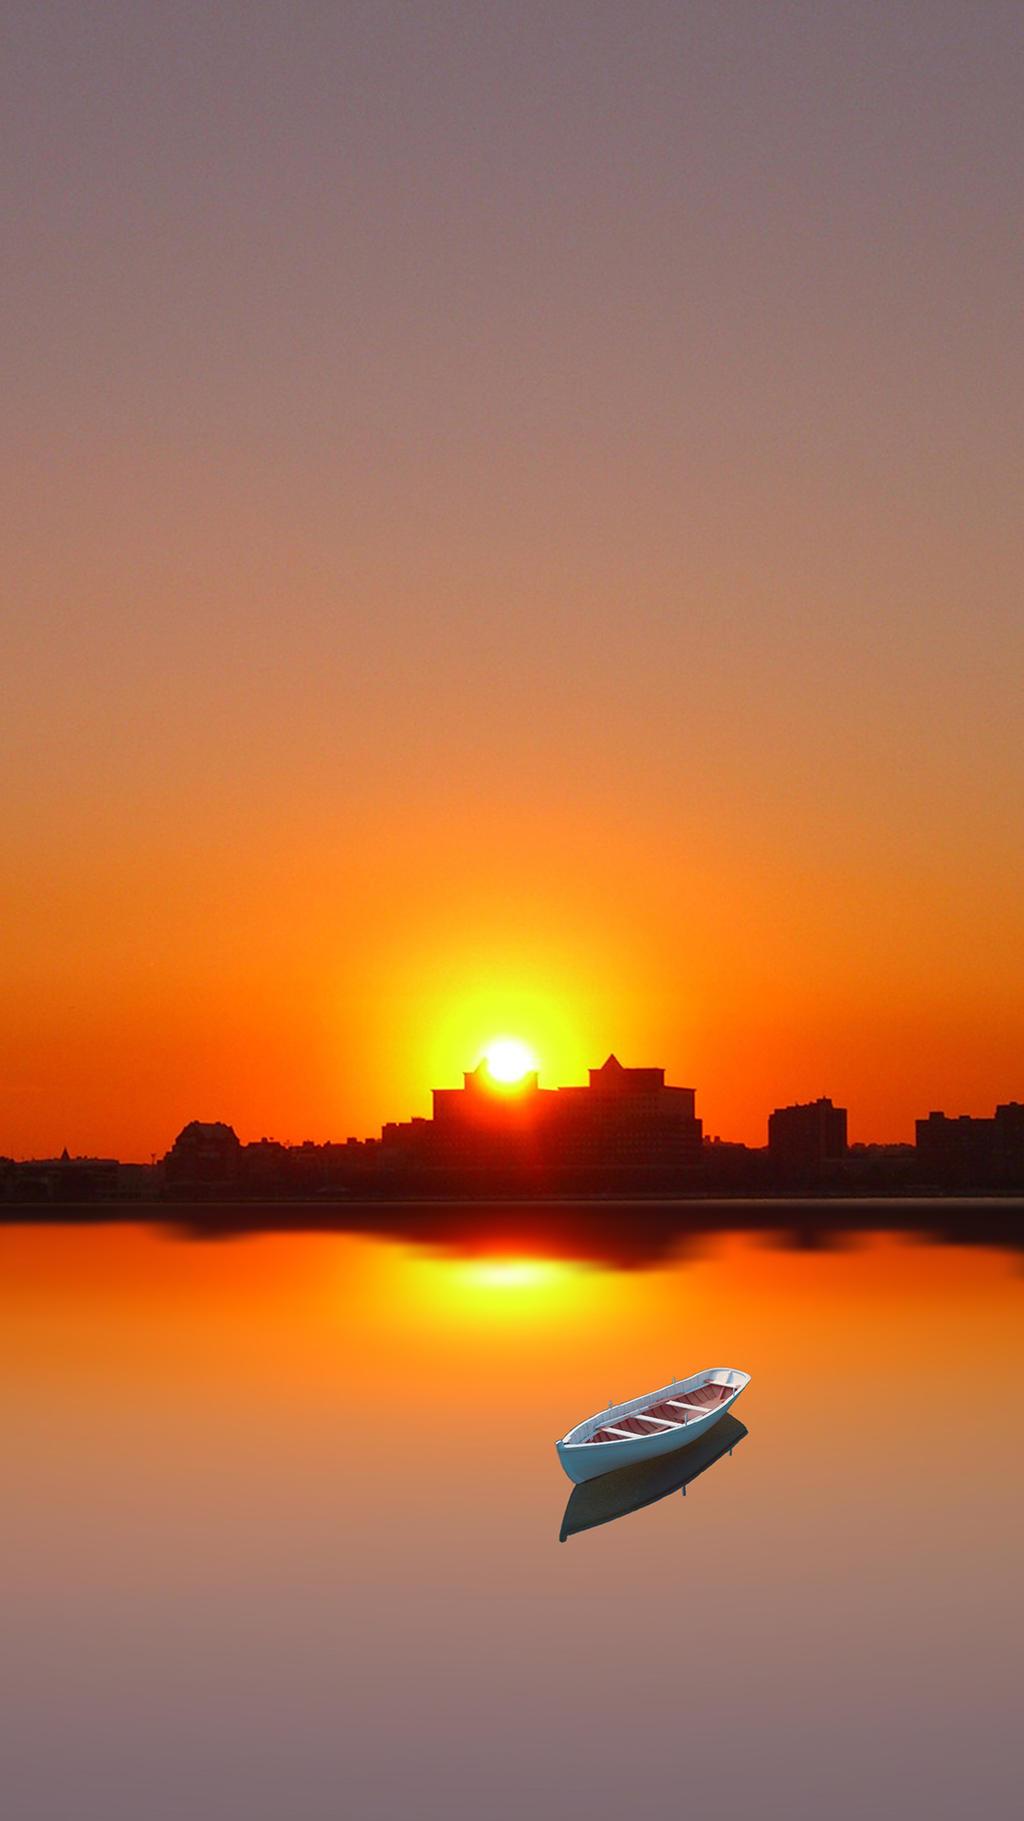 Hd Sunset Wallpaper Iphone 6 By Mattiebonez On Deviantart